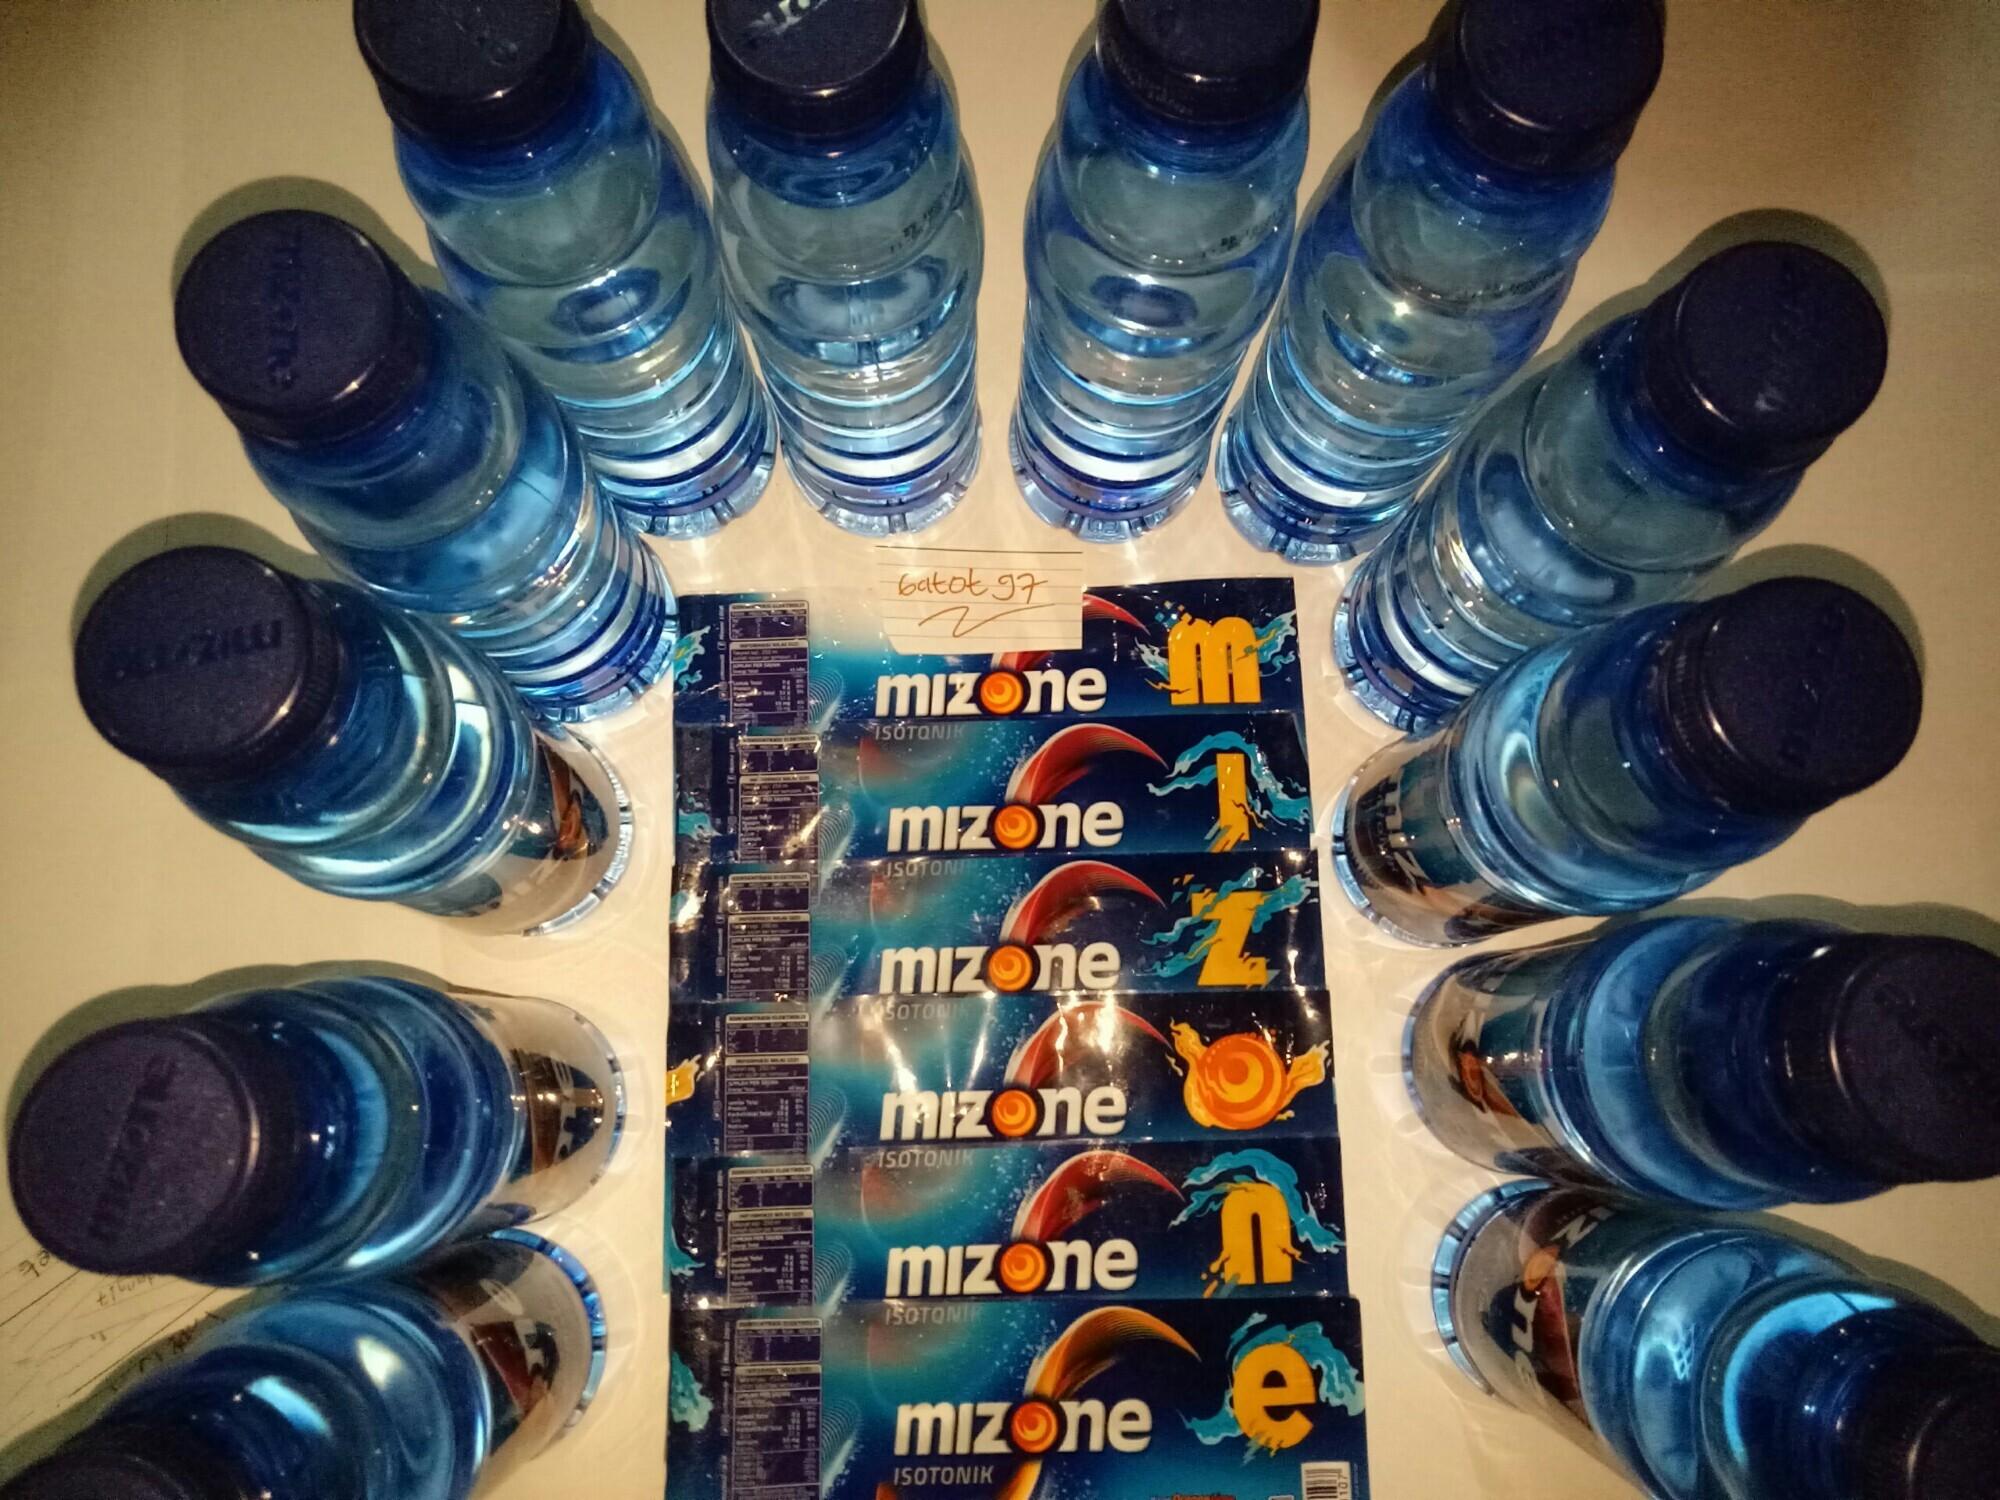 #KASKUSxMizone Panas Hati? Ademkan dengan Mizone